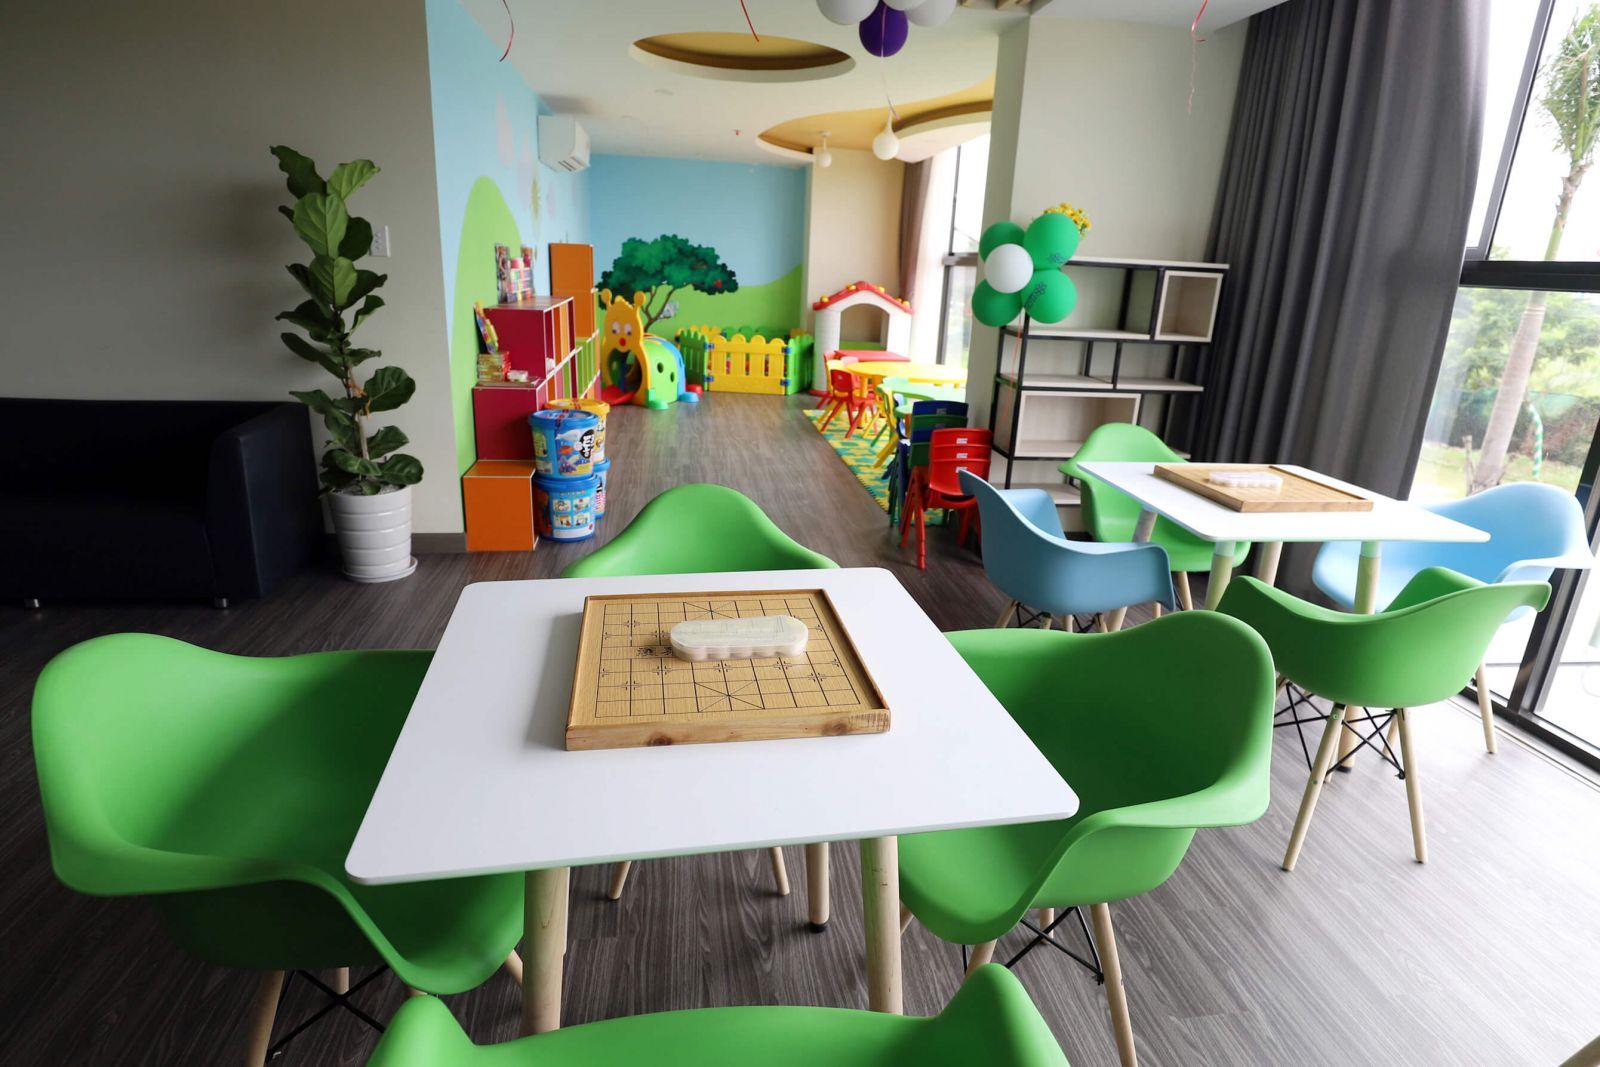 Khu vui chơi dành cho trẻ em tại dự án Flora Kikyo Quận 9